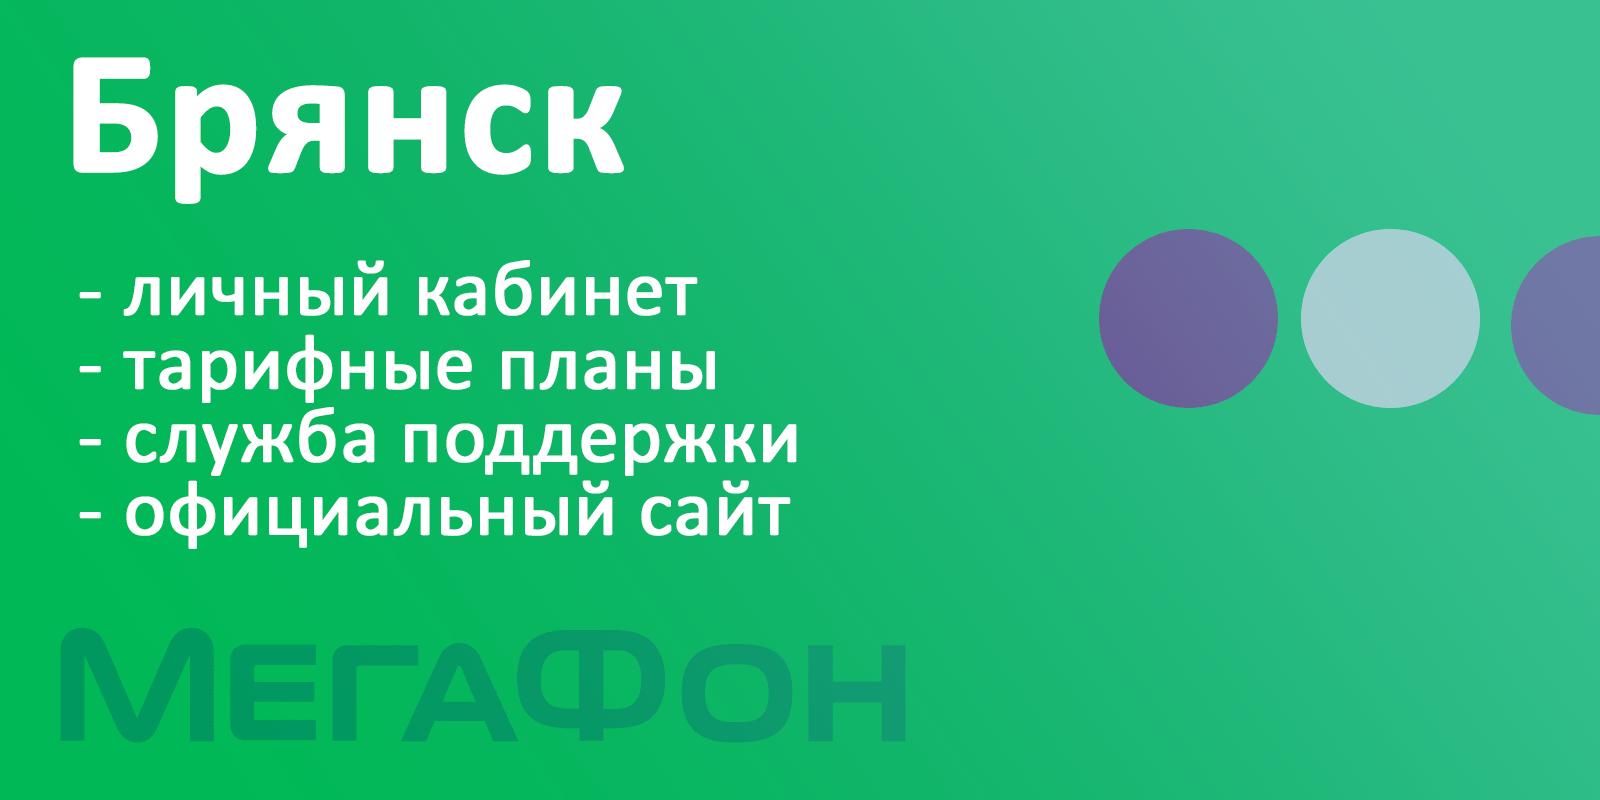 Мегафон Брянск вход в личный кабинет, тарифы, сайт